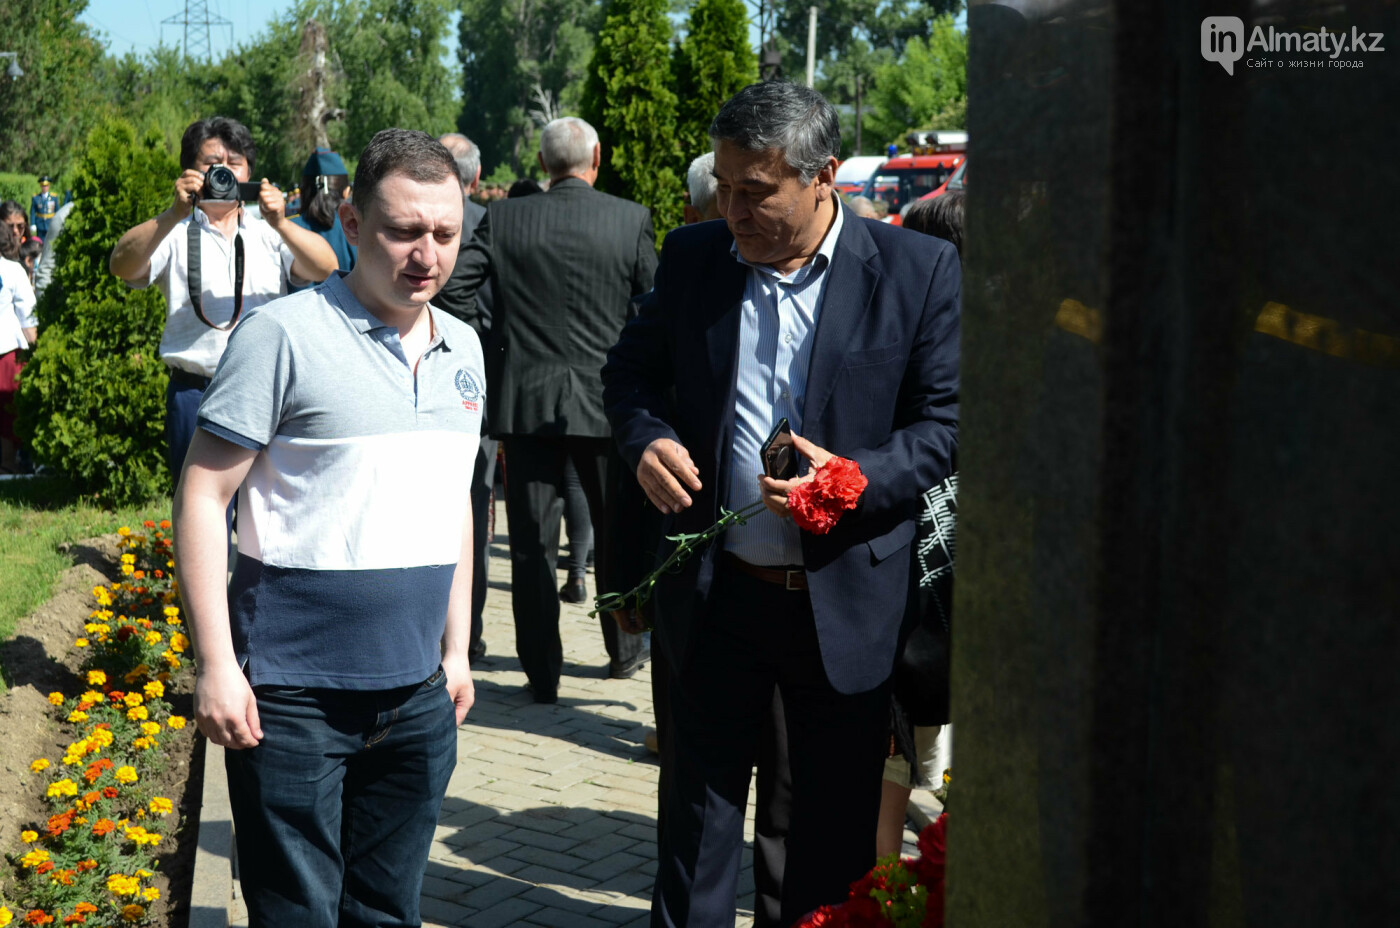 В Алматы почтили память пожарных героически погибших 30 лет назад , фото-10